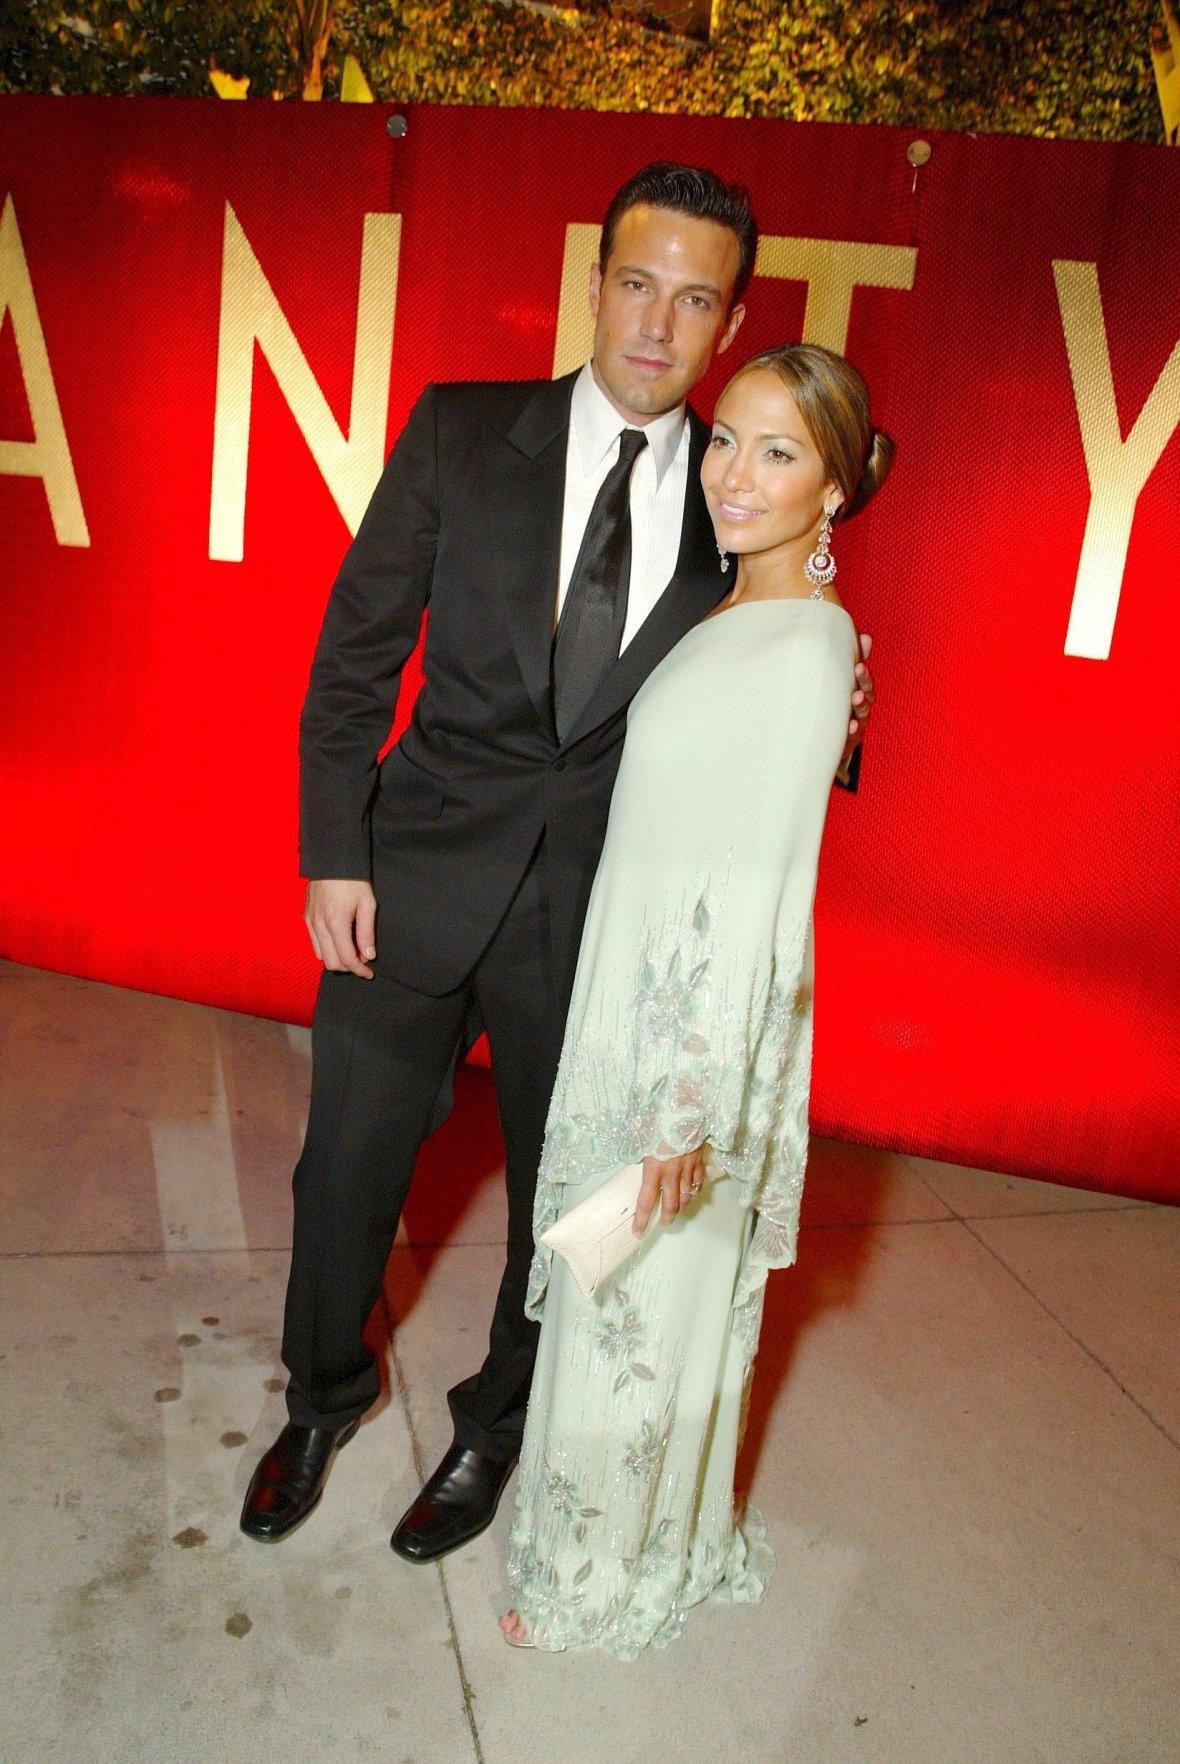 Ben Affleck 'Still Cares' for Jennifer Lopez